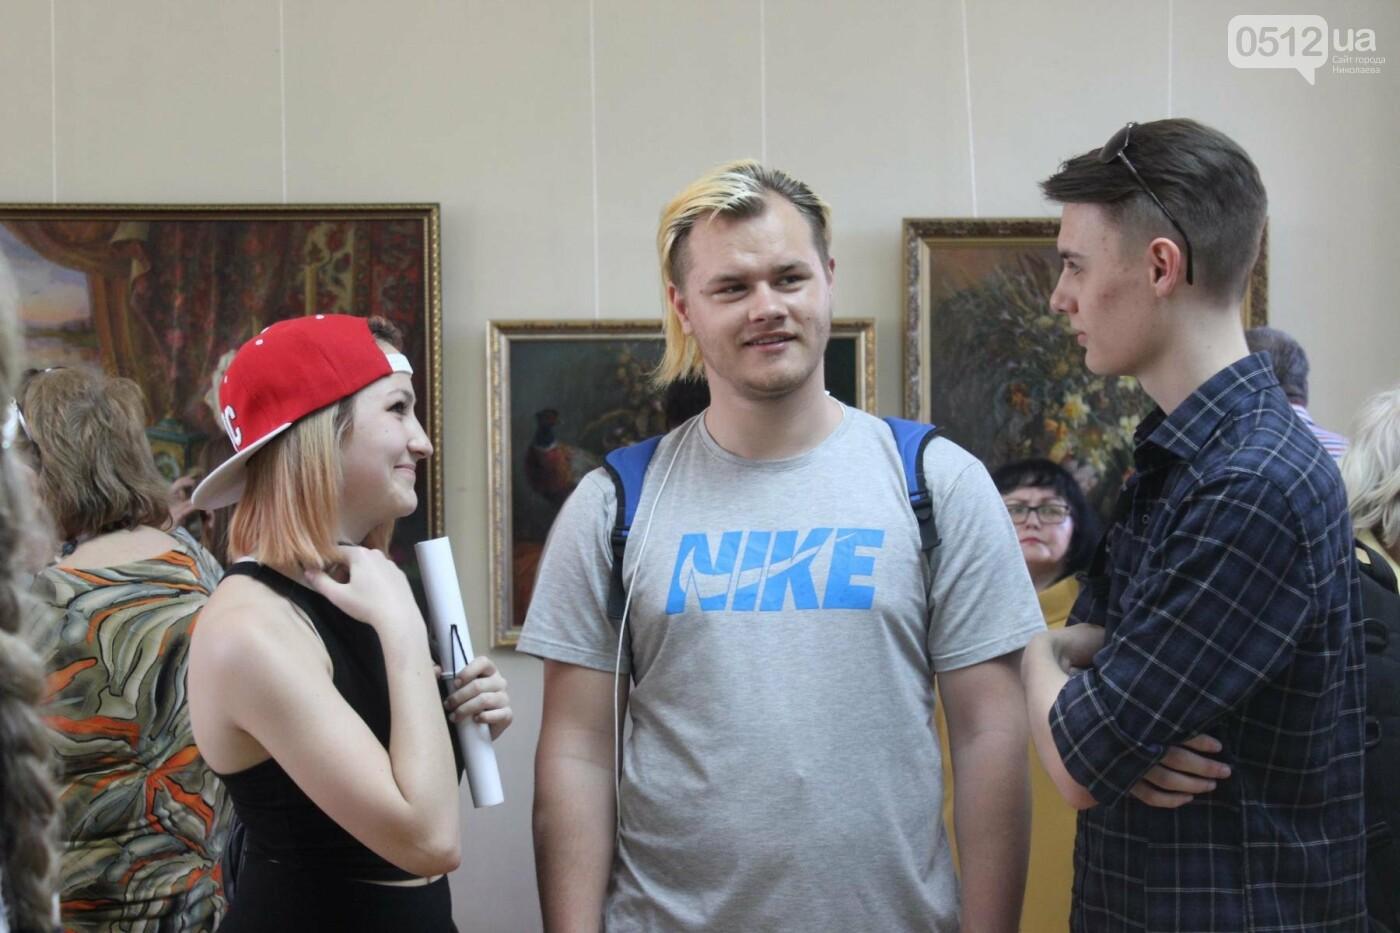 Николаевская художница Светлана Завтура презентовала свою юбилейную выставку, - ФОТО, фото-5